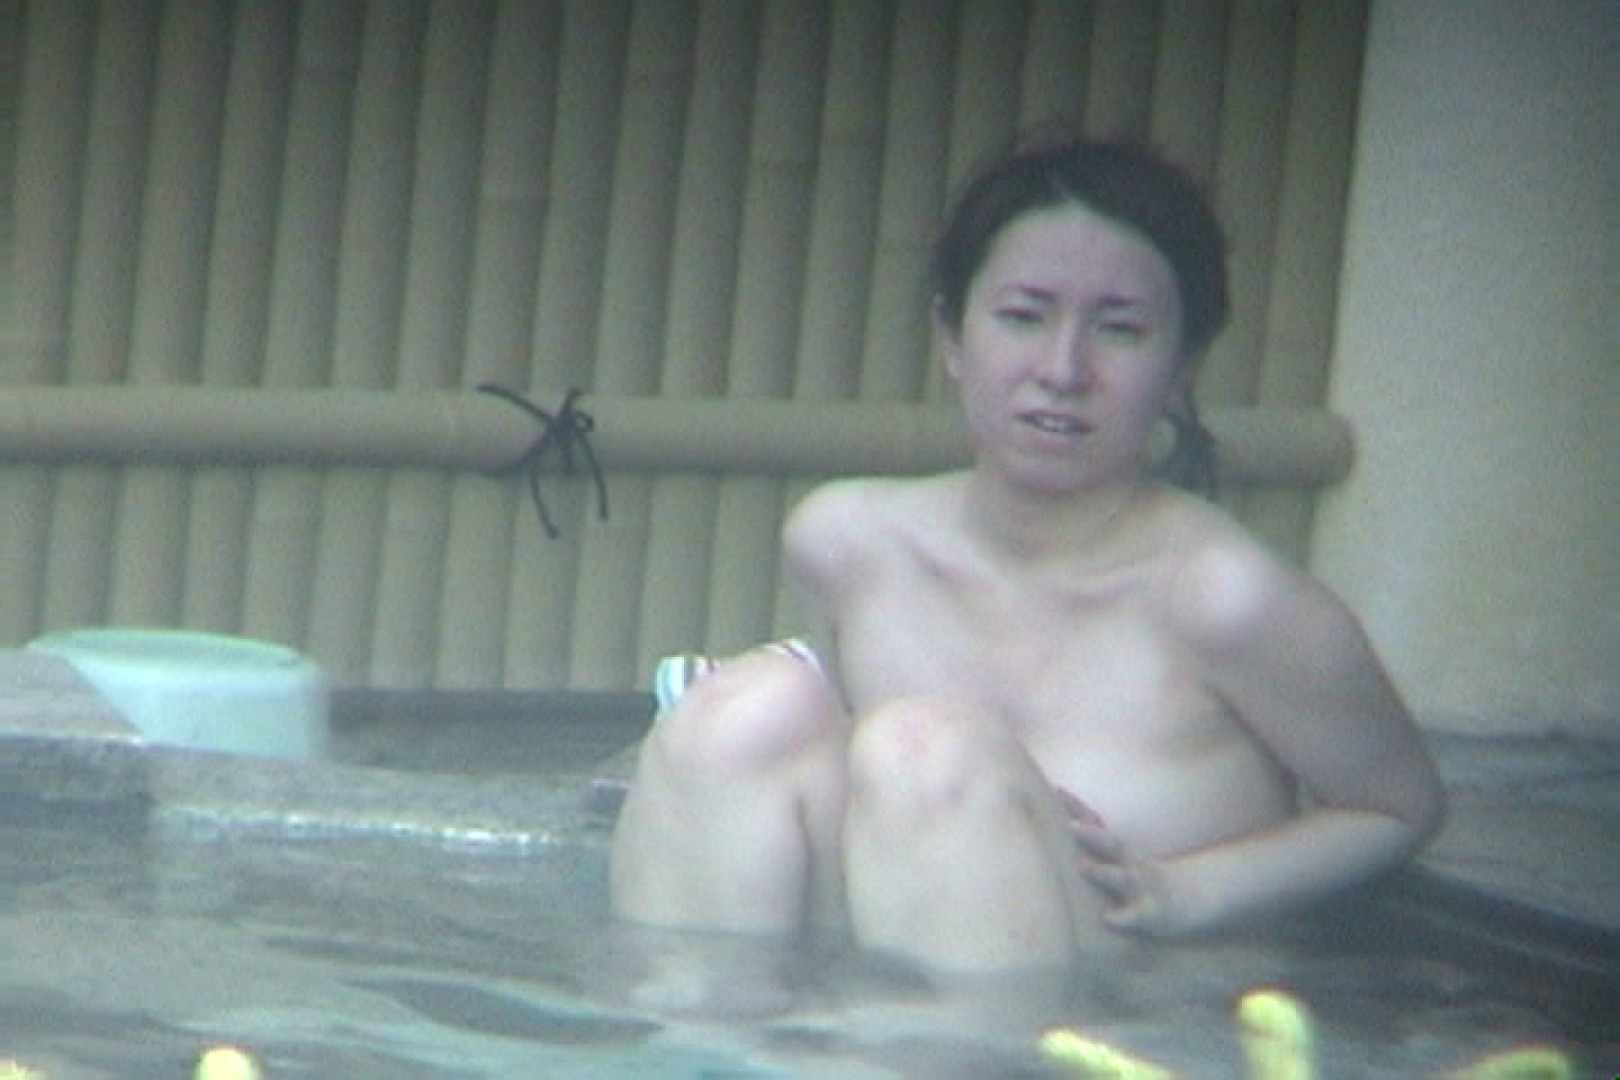 Aquaな露天風呂Vol.106 露天風呂 | 盗撮  68連発 34